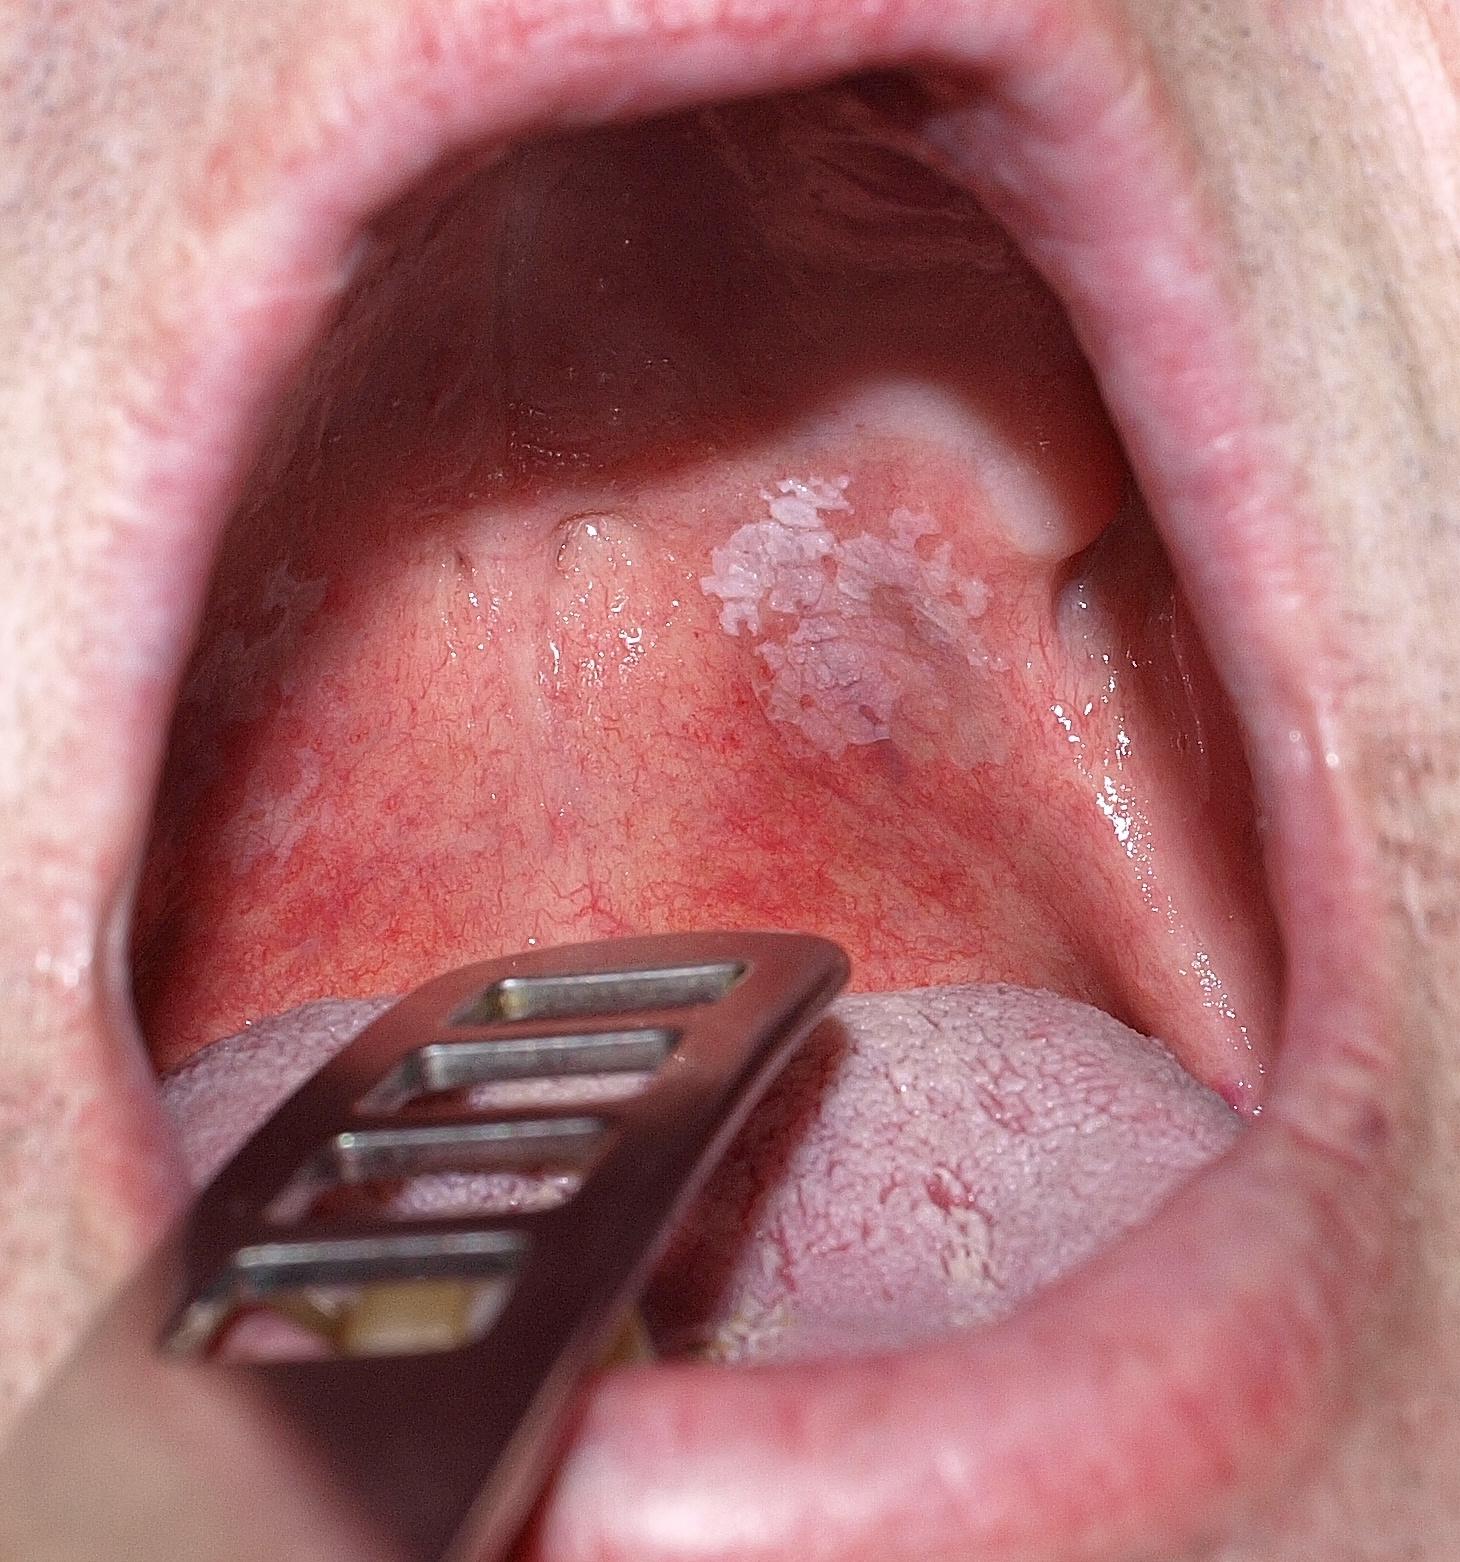 Papilloma kezelés az ínyen | PapiSTOP